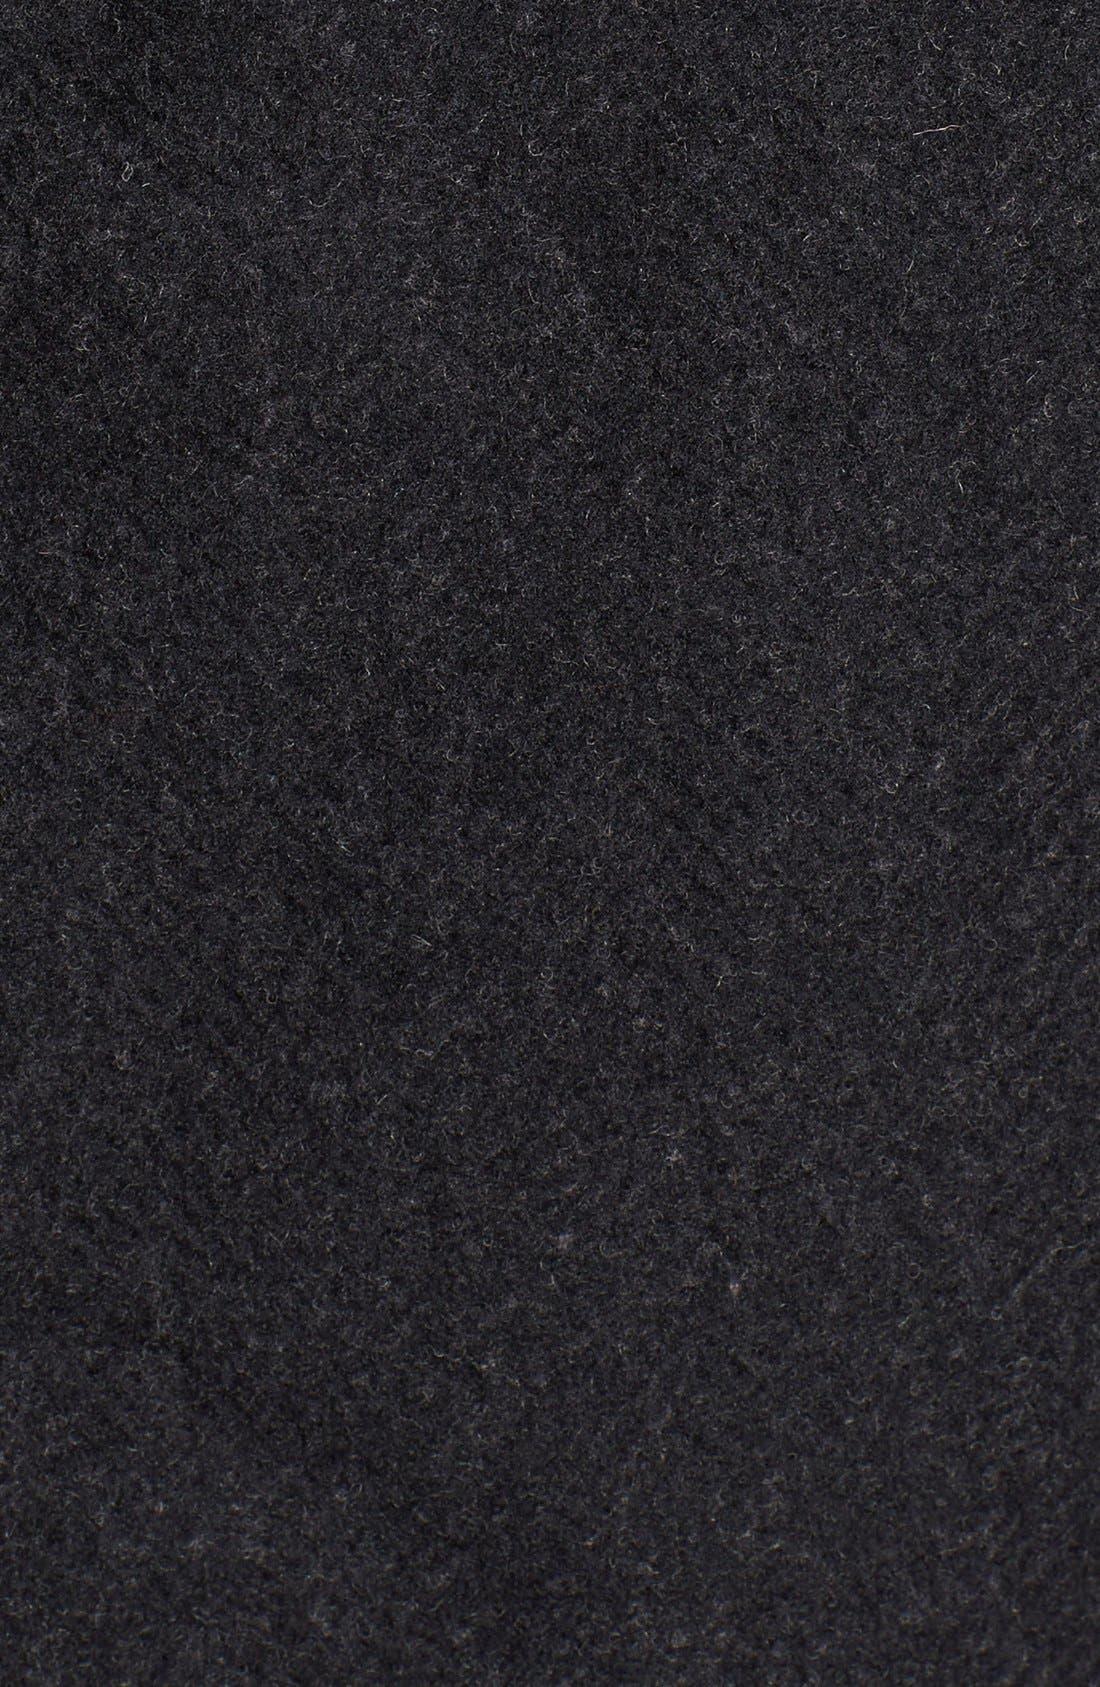 'Westown' 3-in-1 Wool Blend Coat,                             Alternate thumbnail 8, color,